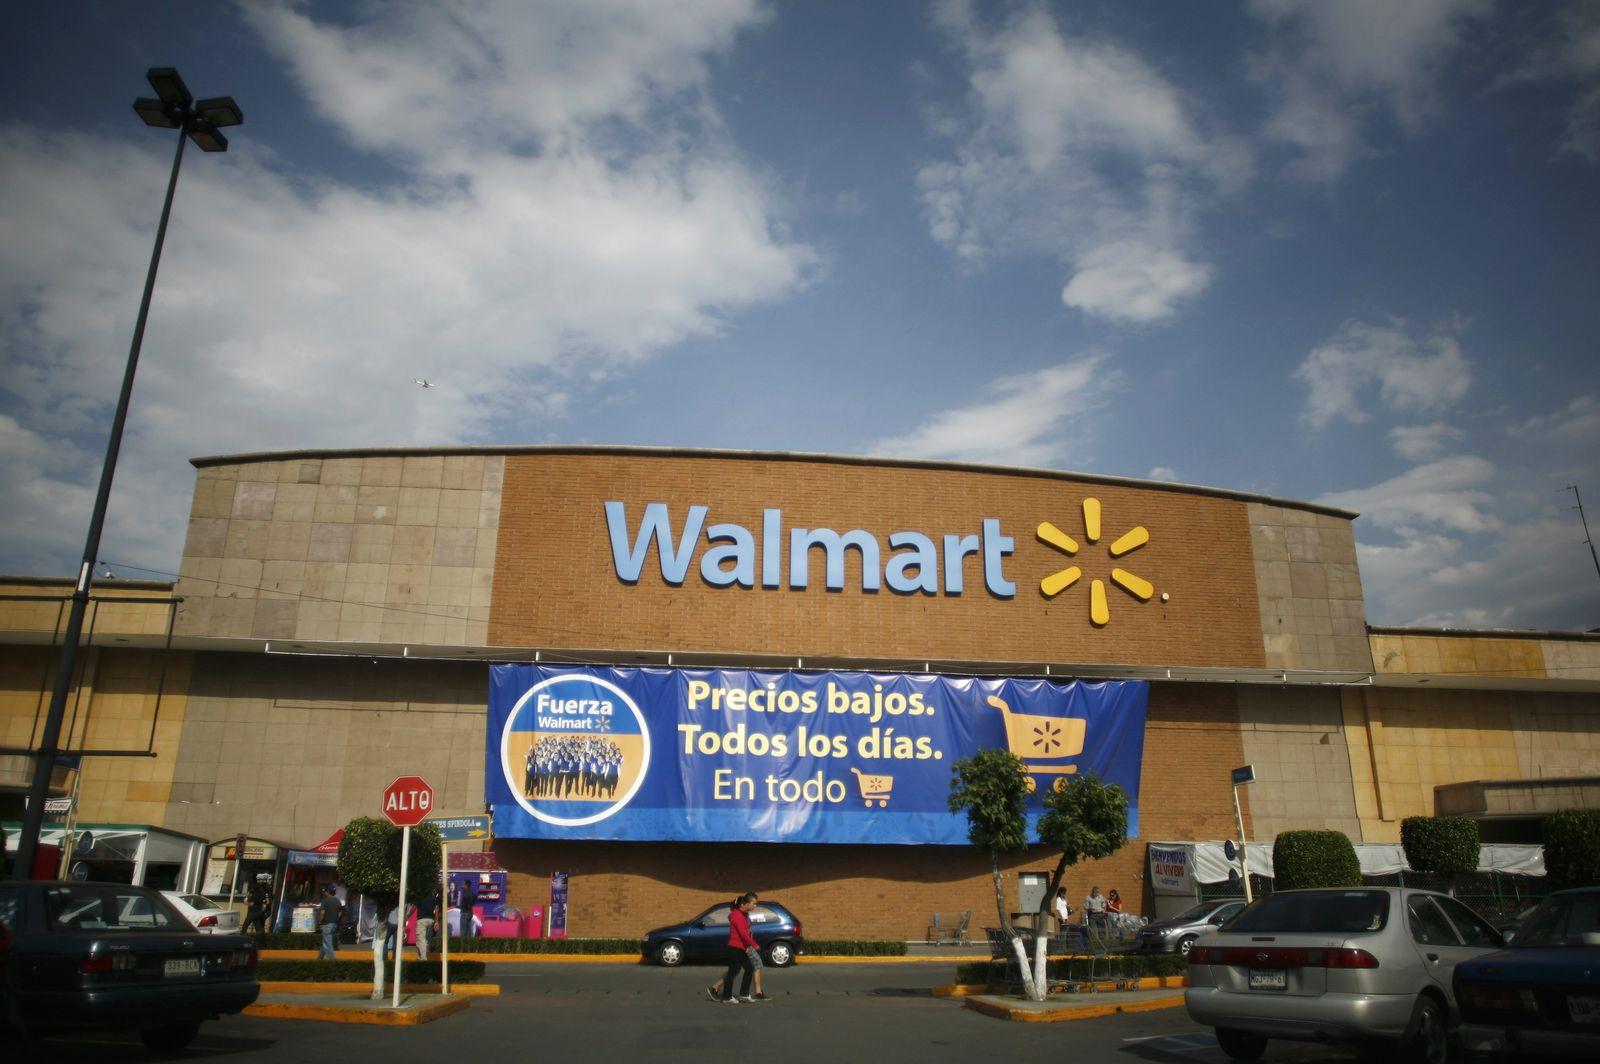 Wal Mart Mexico City